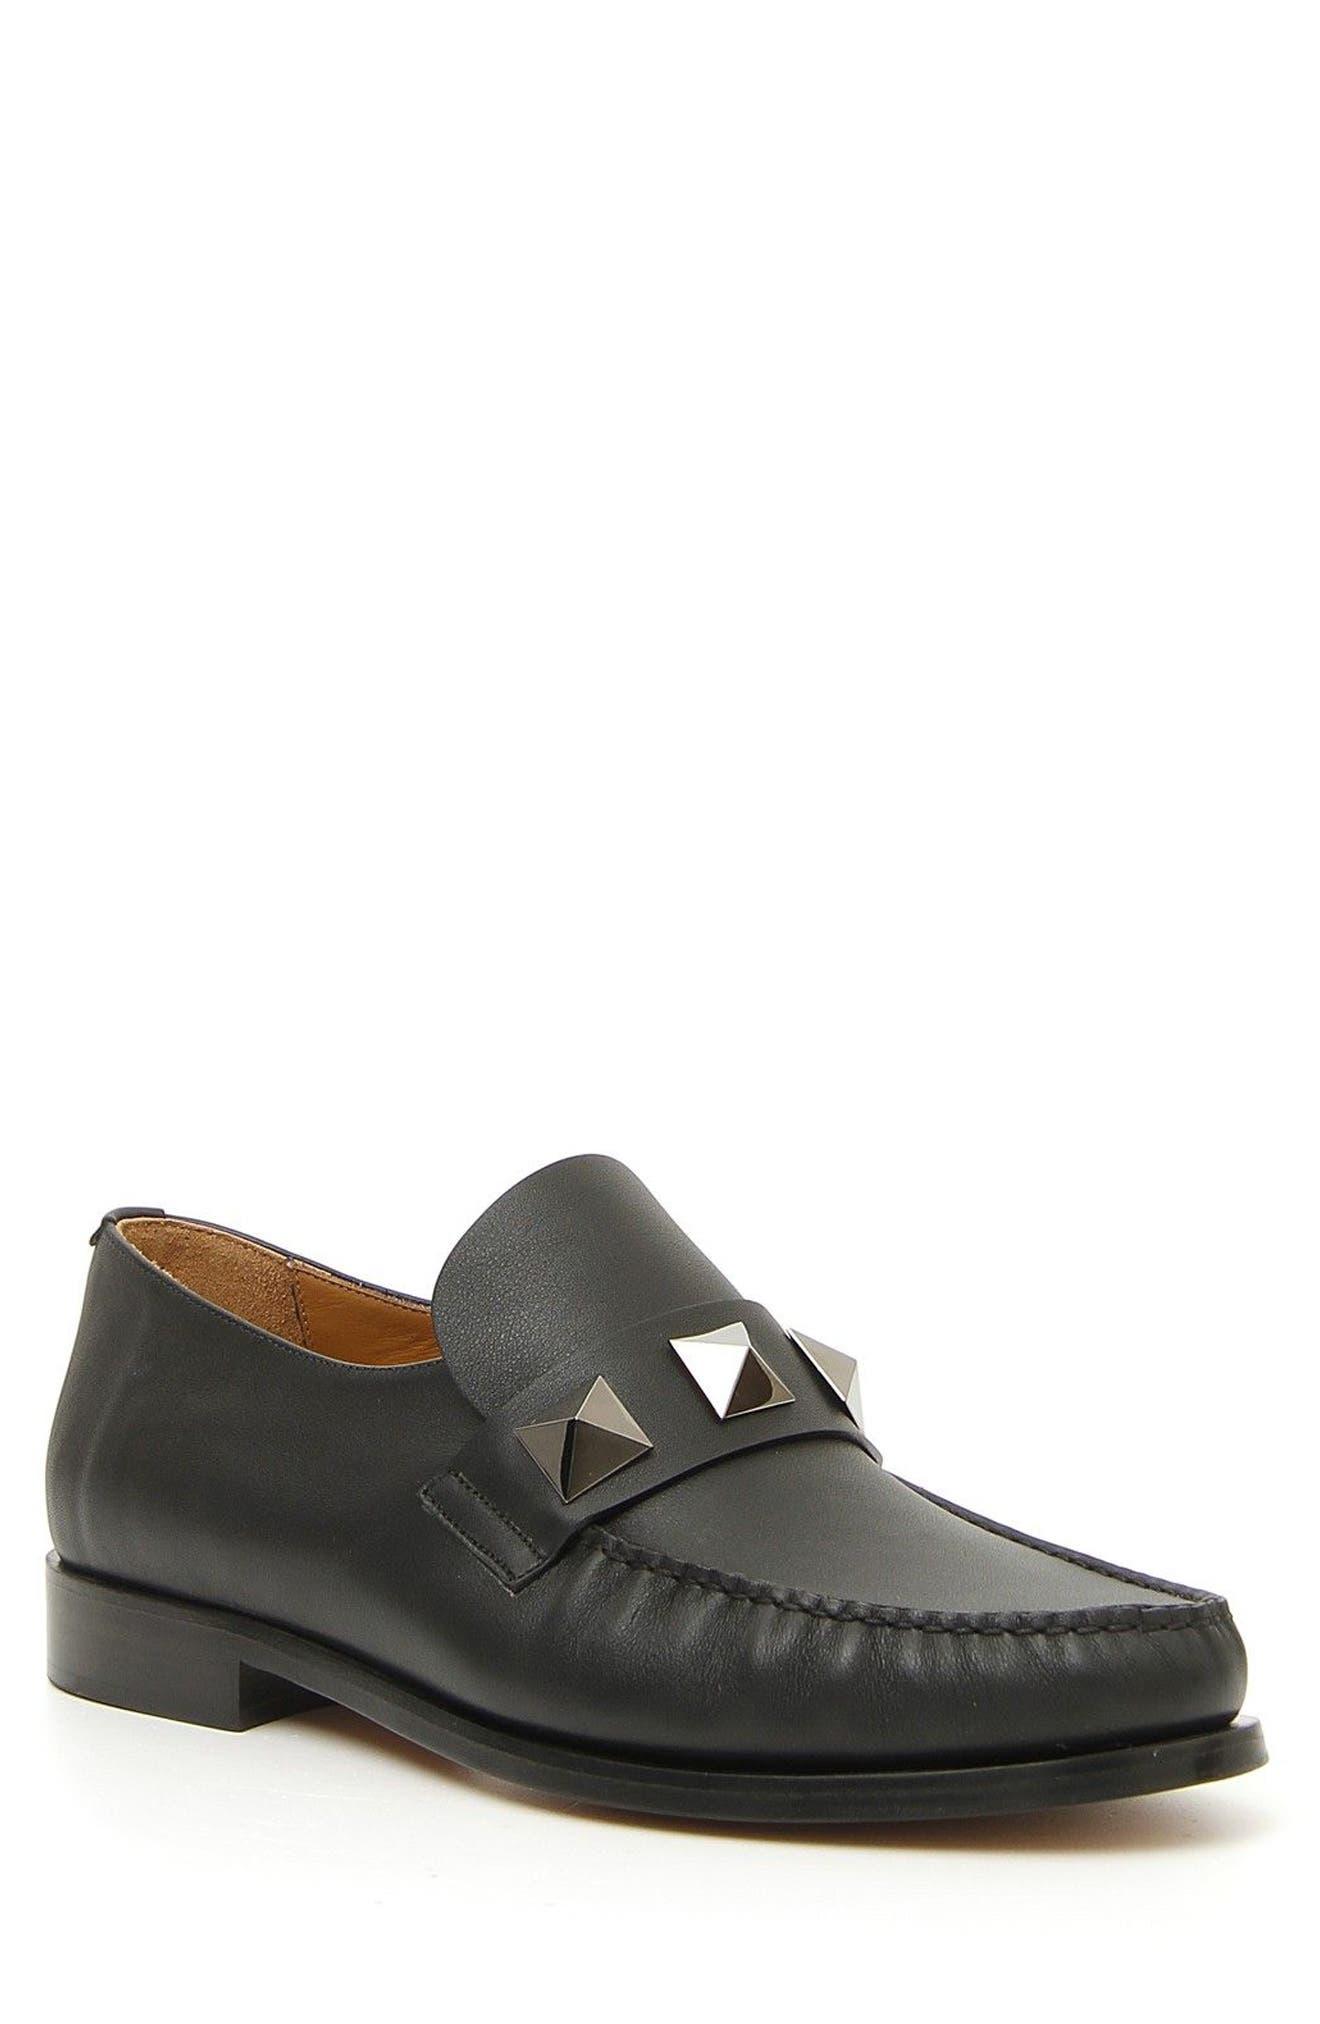 Lock Loafer,                         Main,                         color, Black